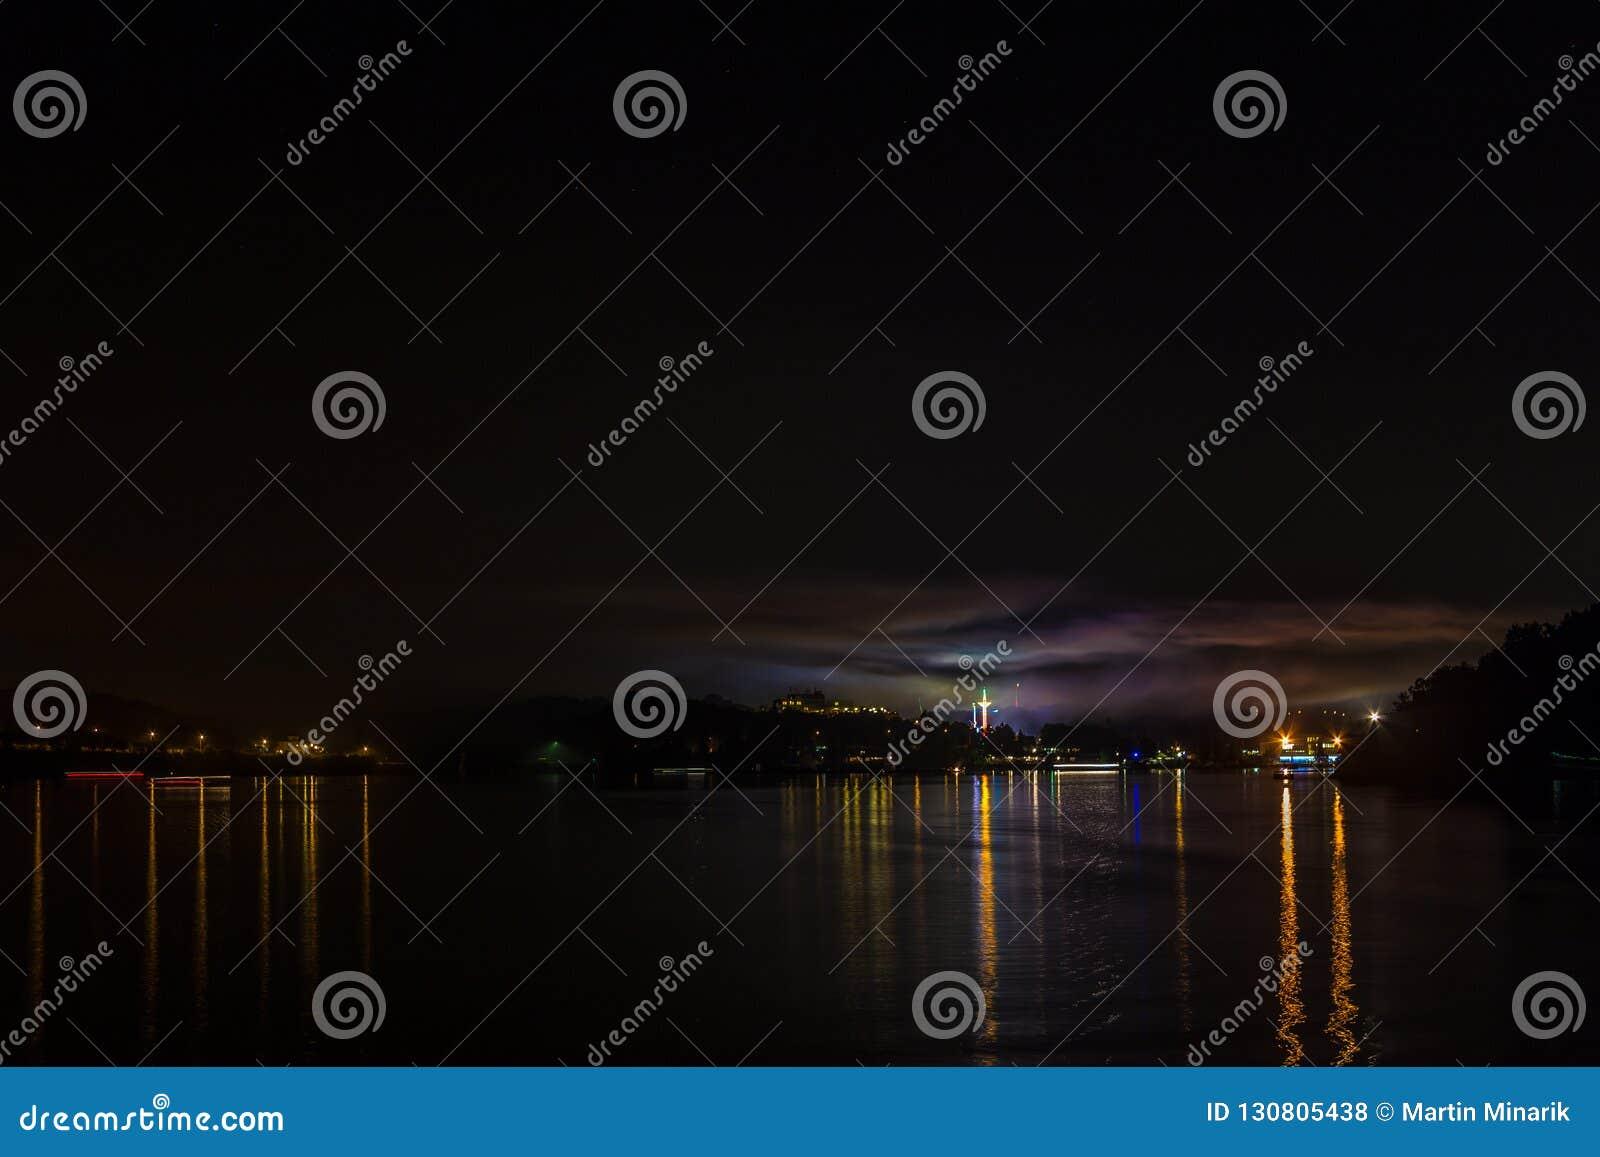 Oberfläche von Brnos Verdammung in der Nacht, mit Lichtreflexion im Wasser